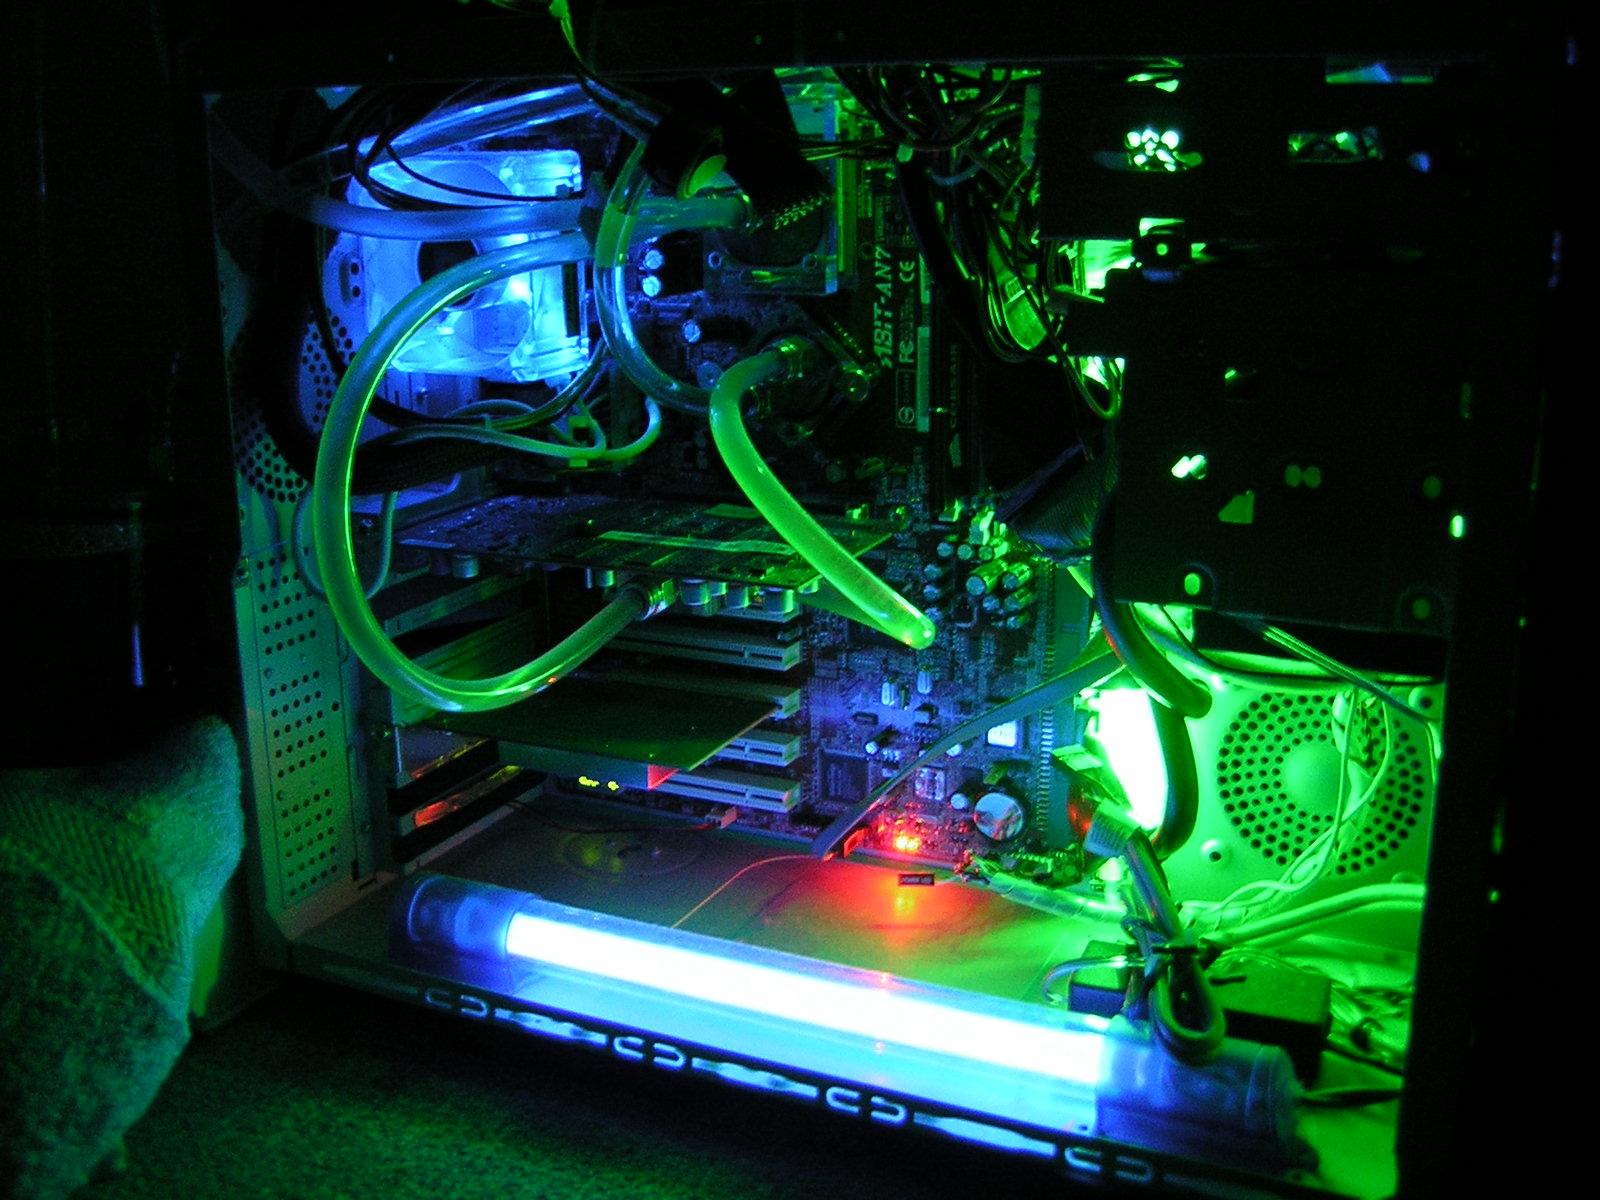 Mein Rechner.JPG